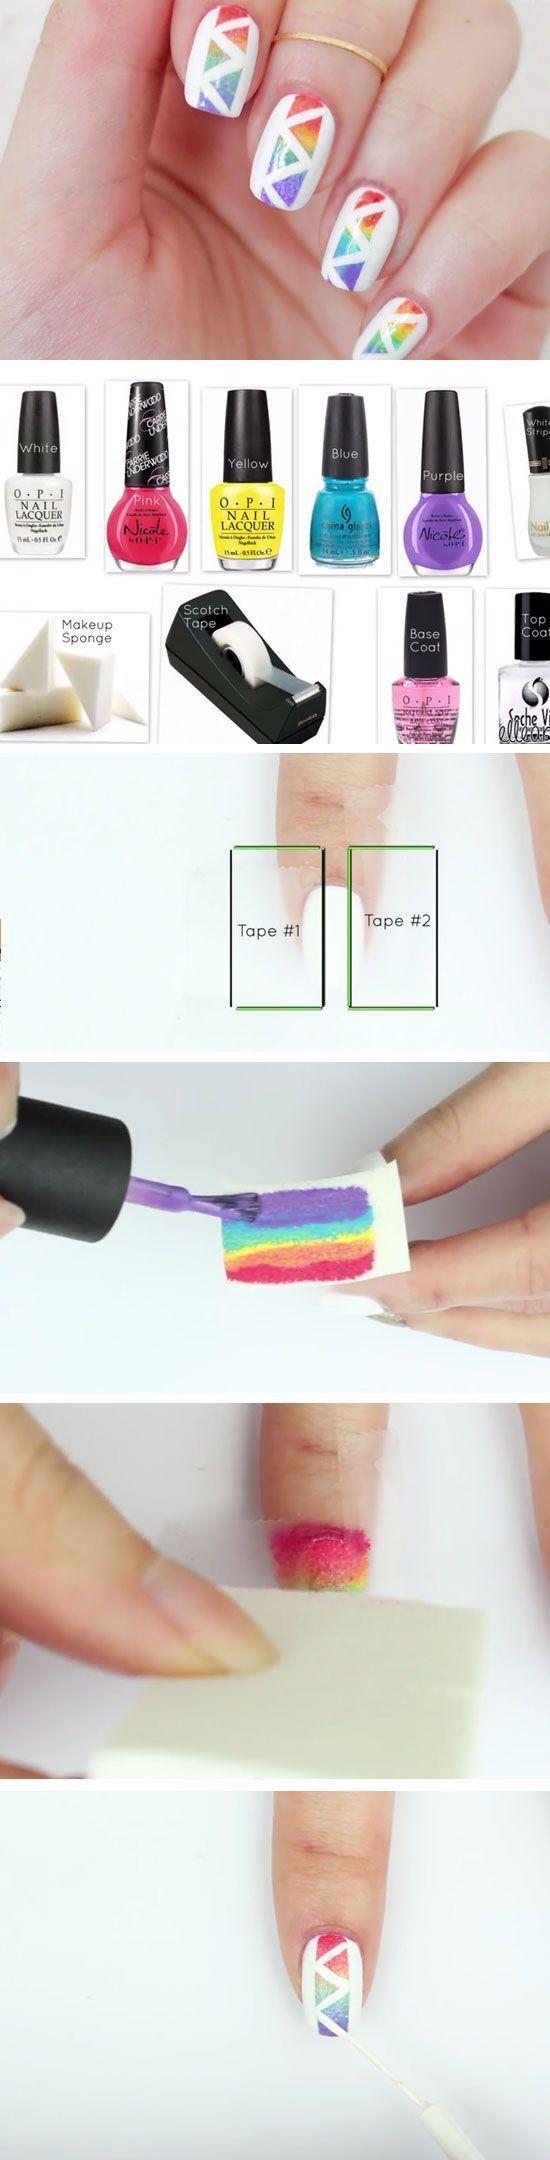 47 Summer Nail Designs for Short Nails - Nail art | Pinterest ...